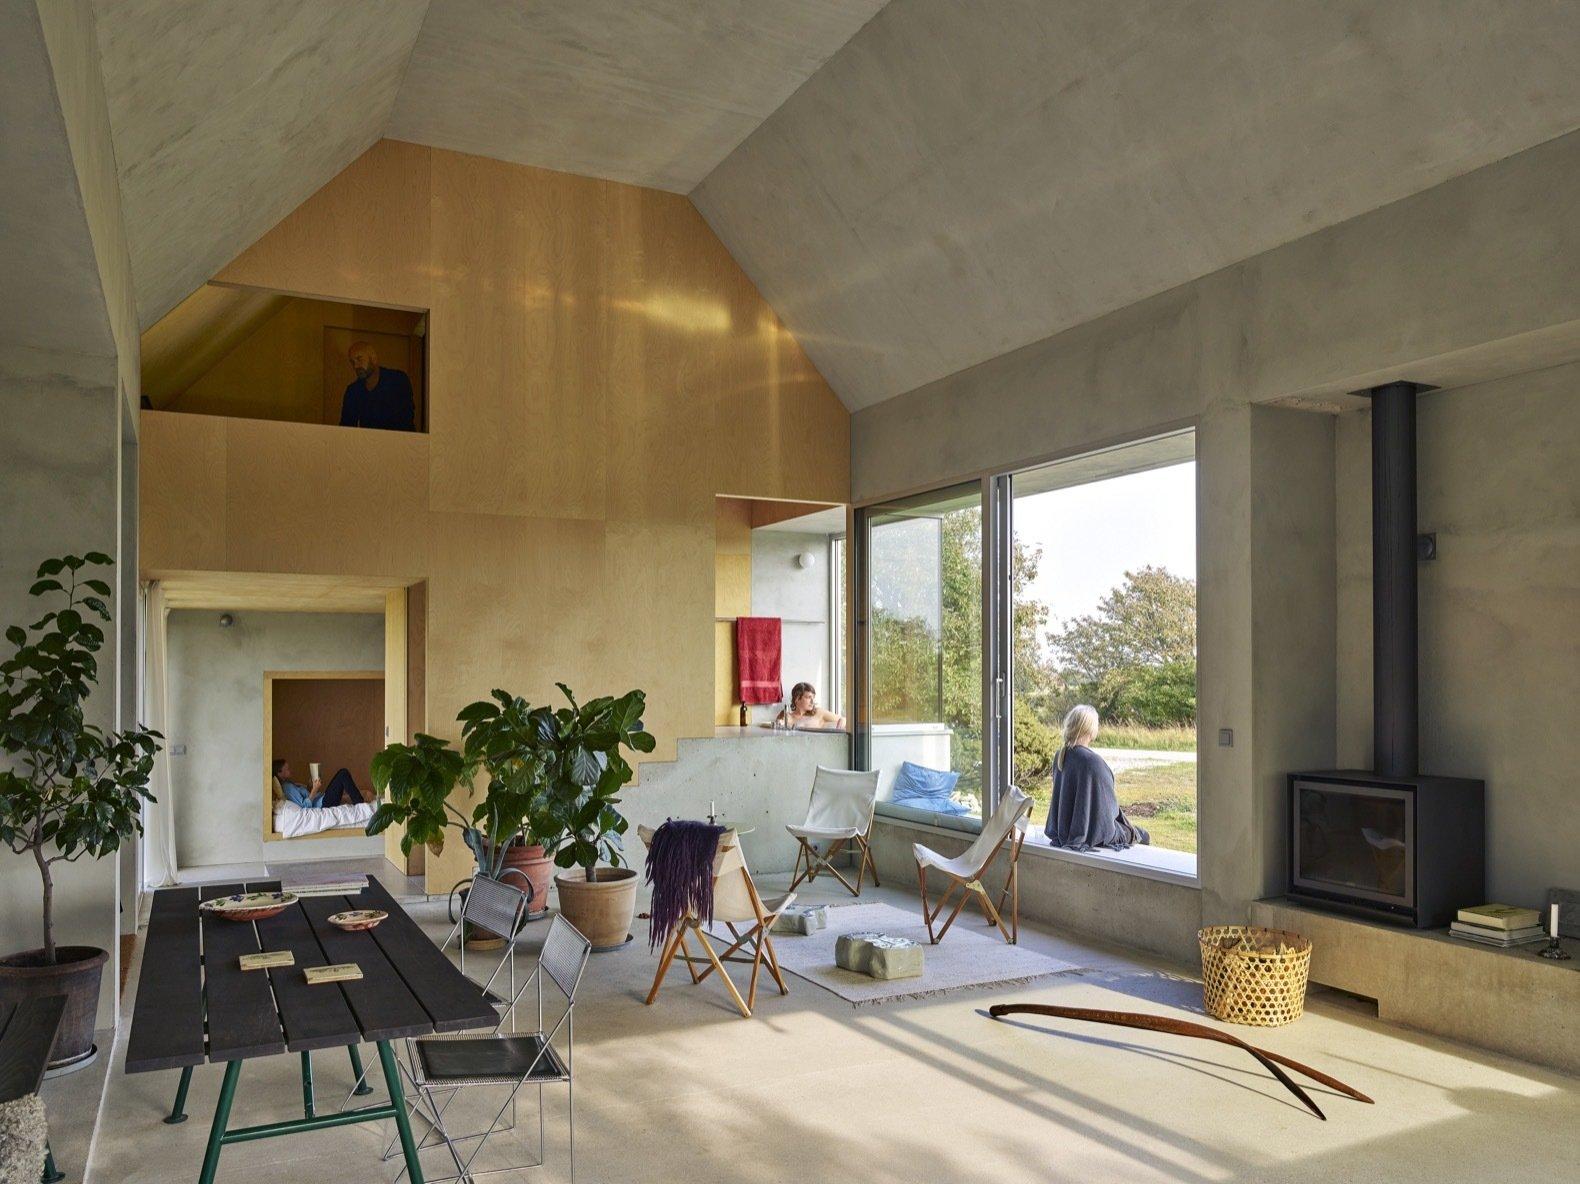 A Brilliant Little Home Wins Sweden's Most Prestigious Architecture Award